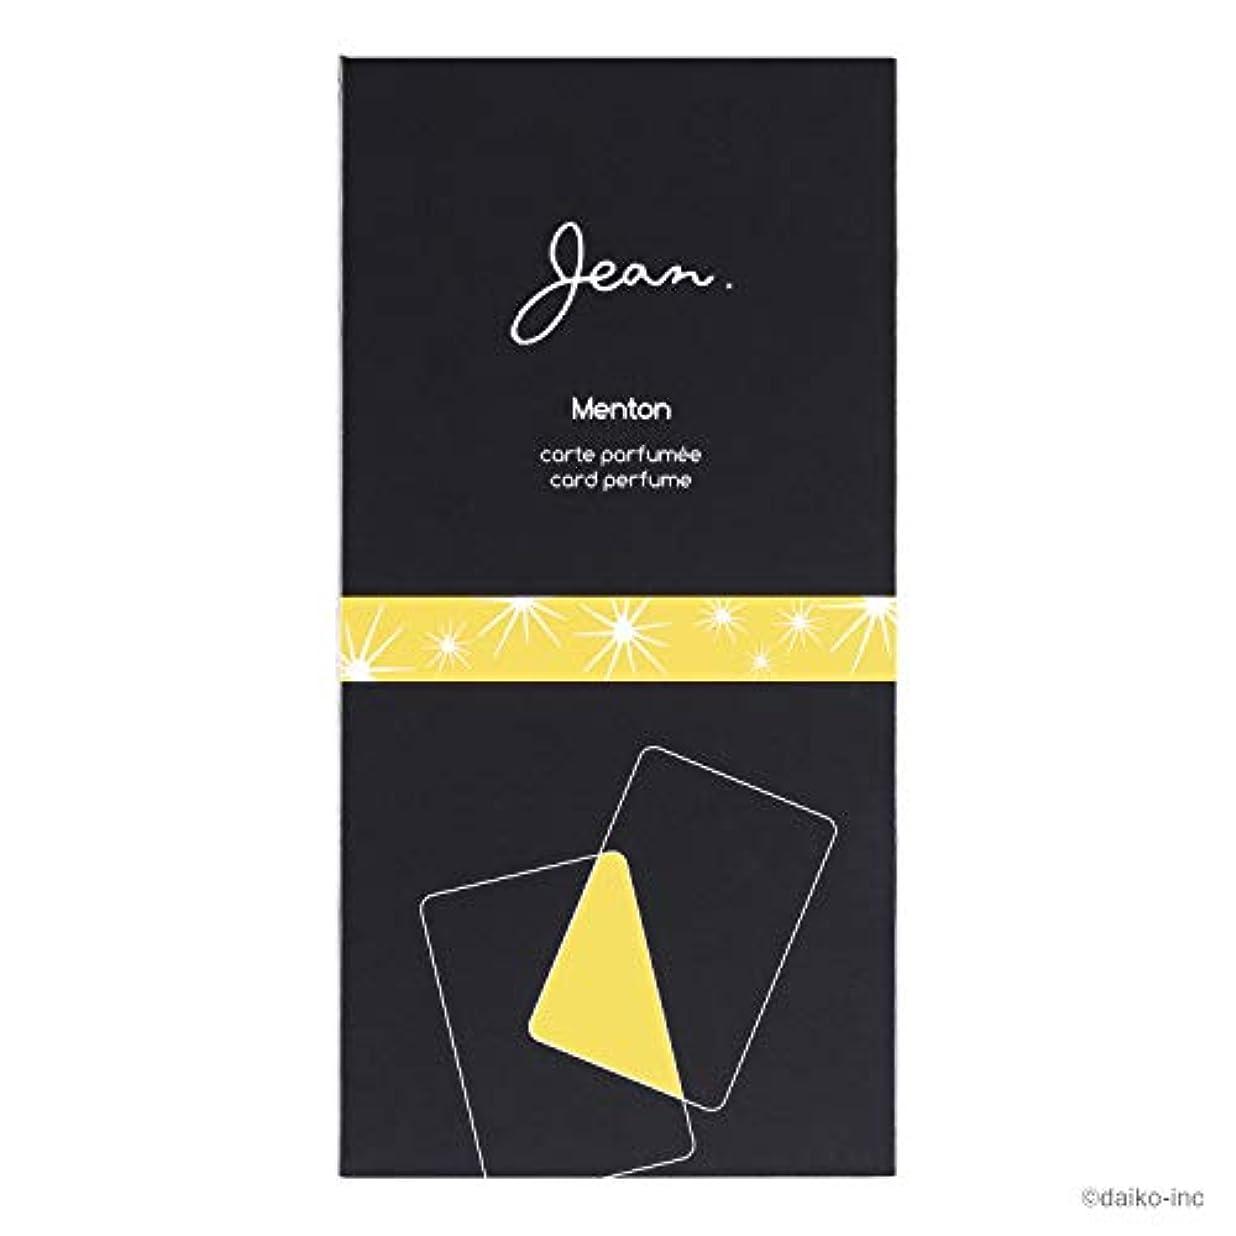 順応性なめらかな待ってJean.カードパフューム マントン